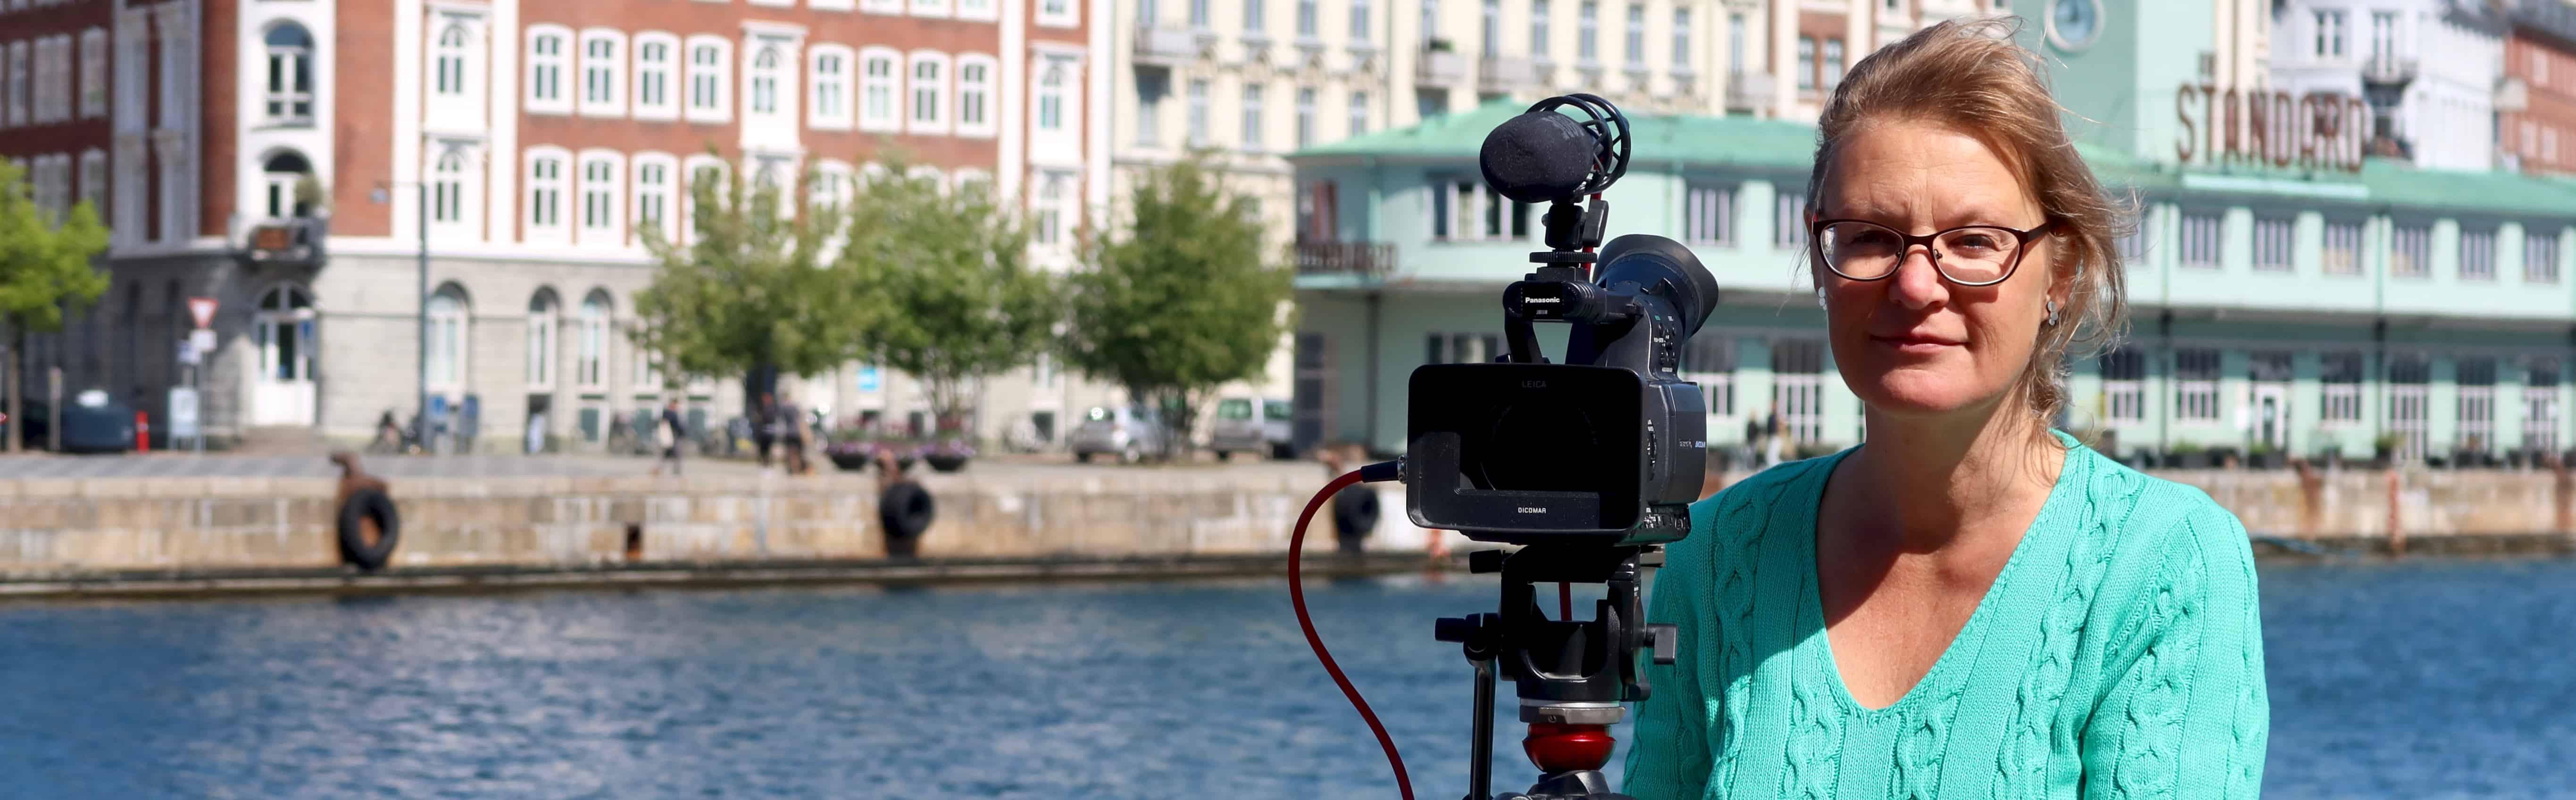 Anette Olsen_Videokamera